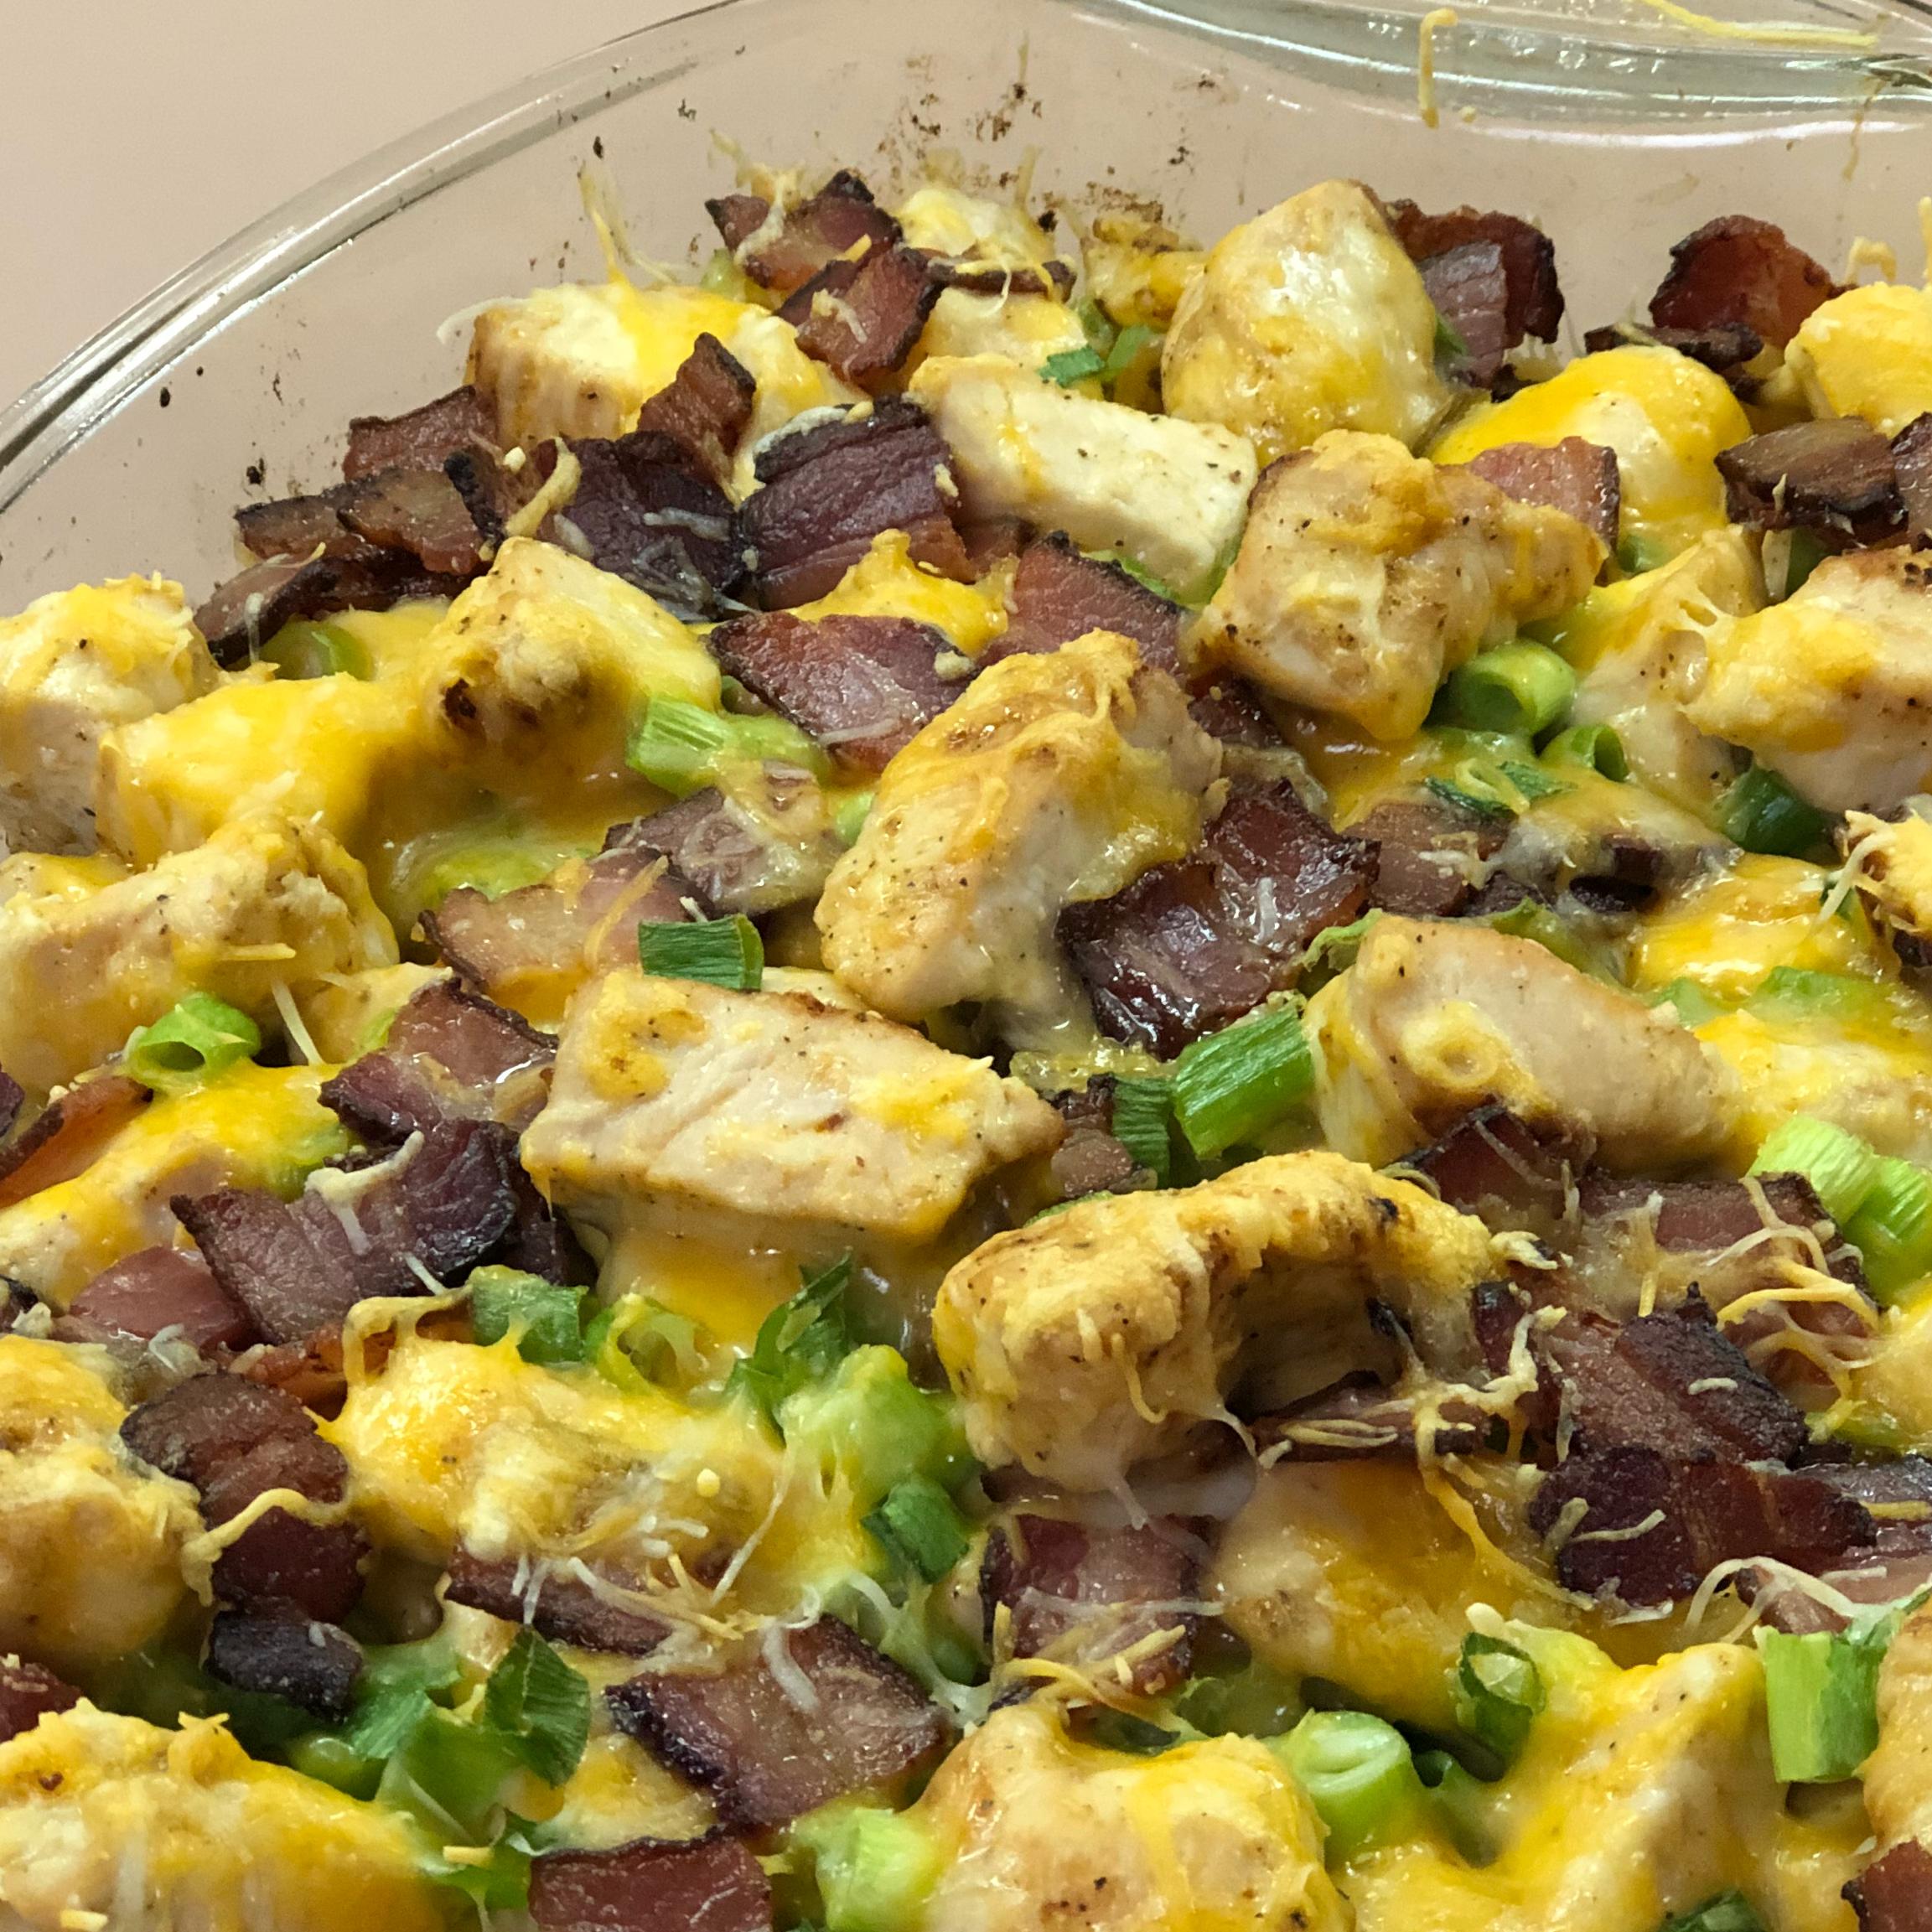 Buffalo Chicken and Roasted Potato Casserole